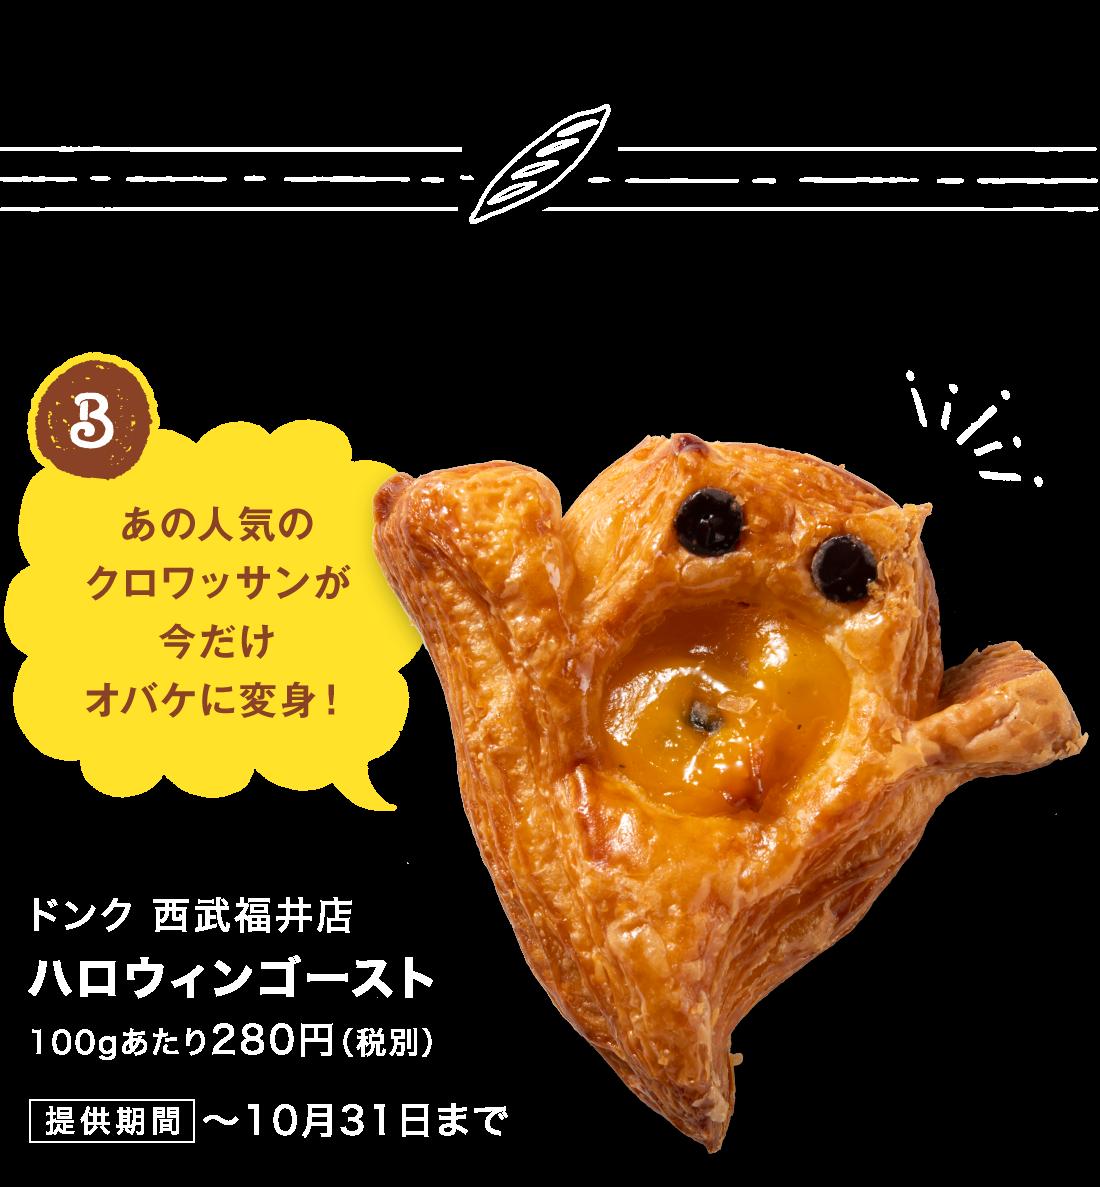 ドンク 西武福井店